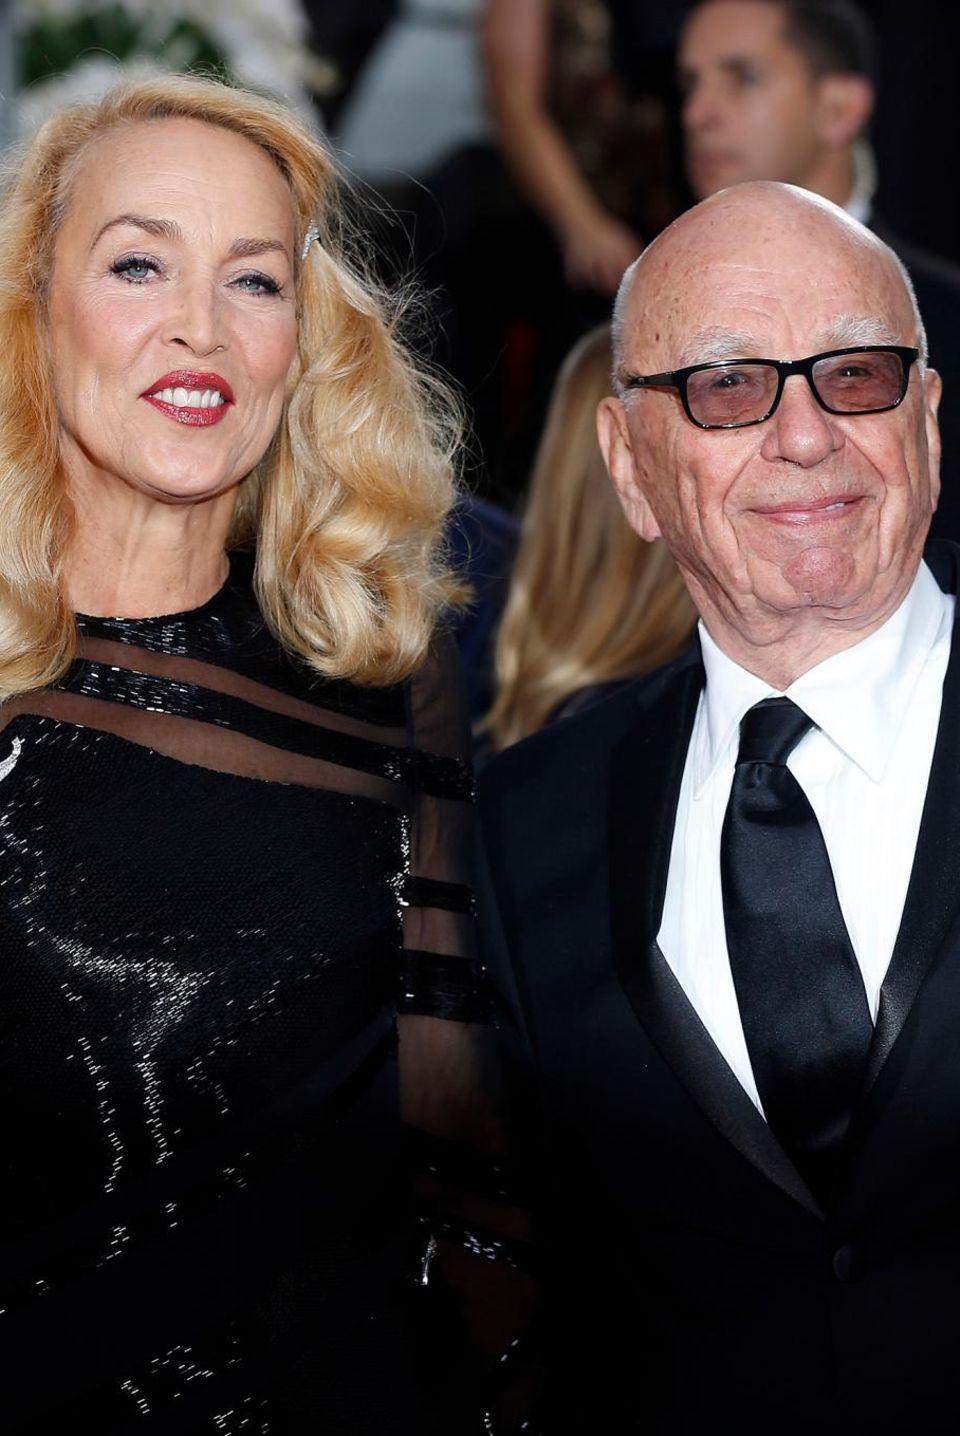 Jerry Hall, Rupert Murdoch